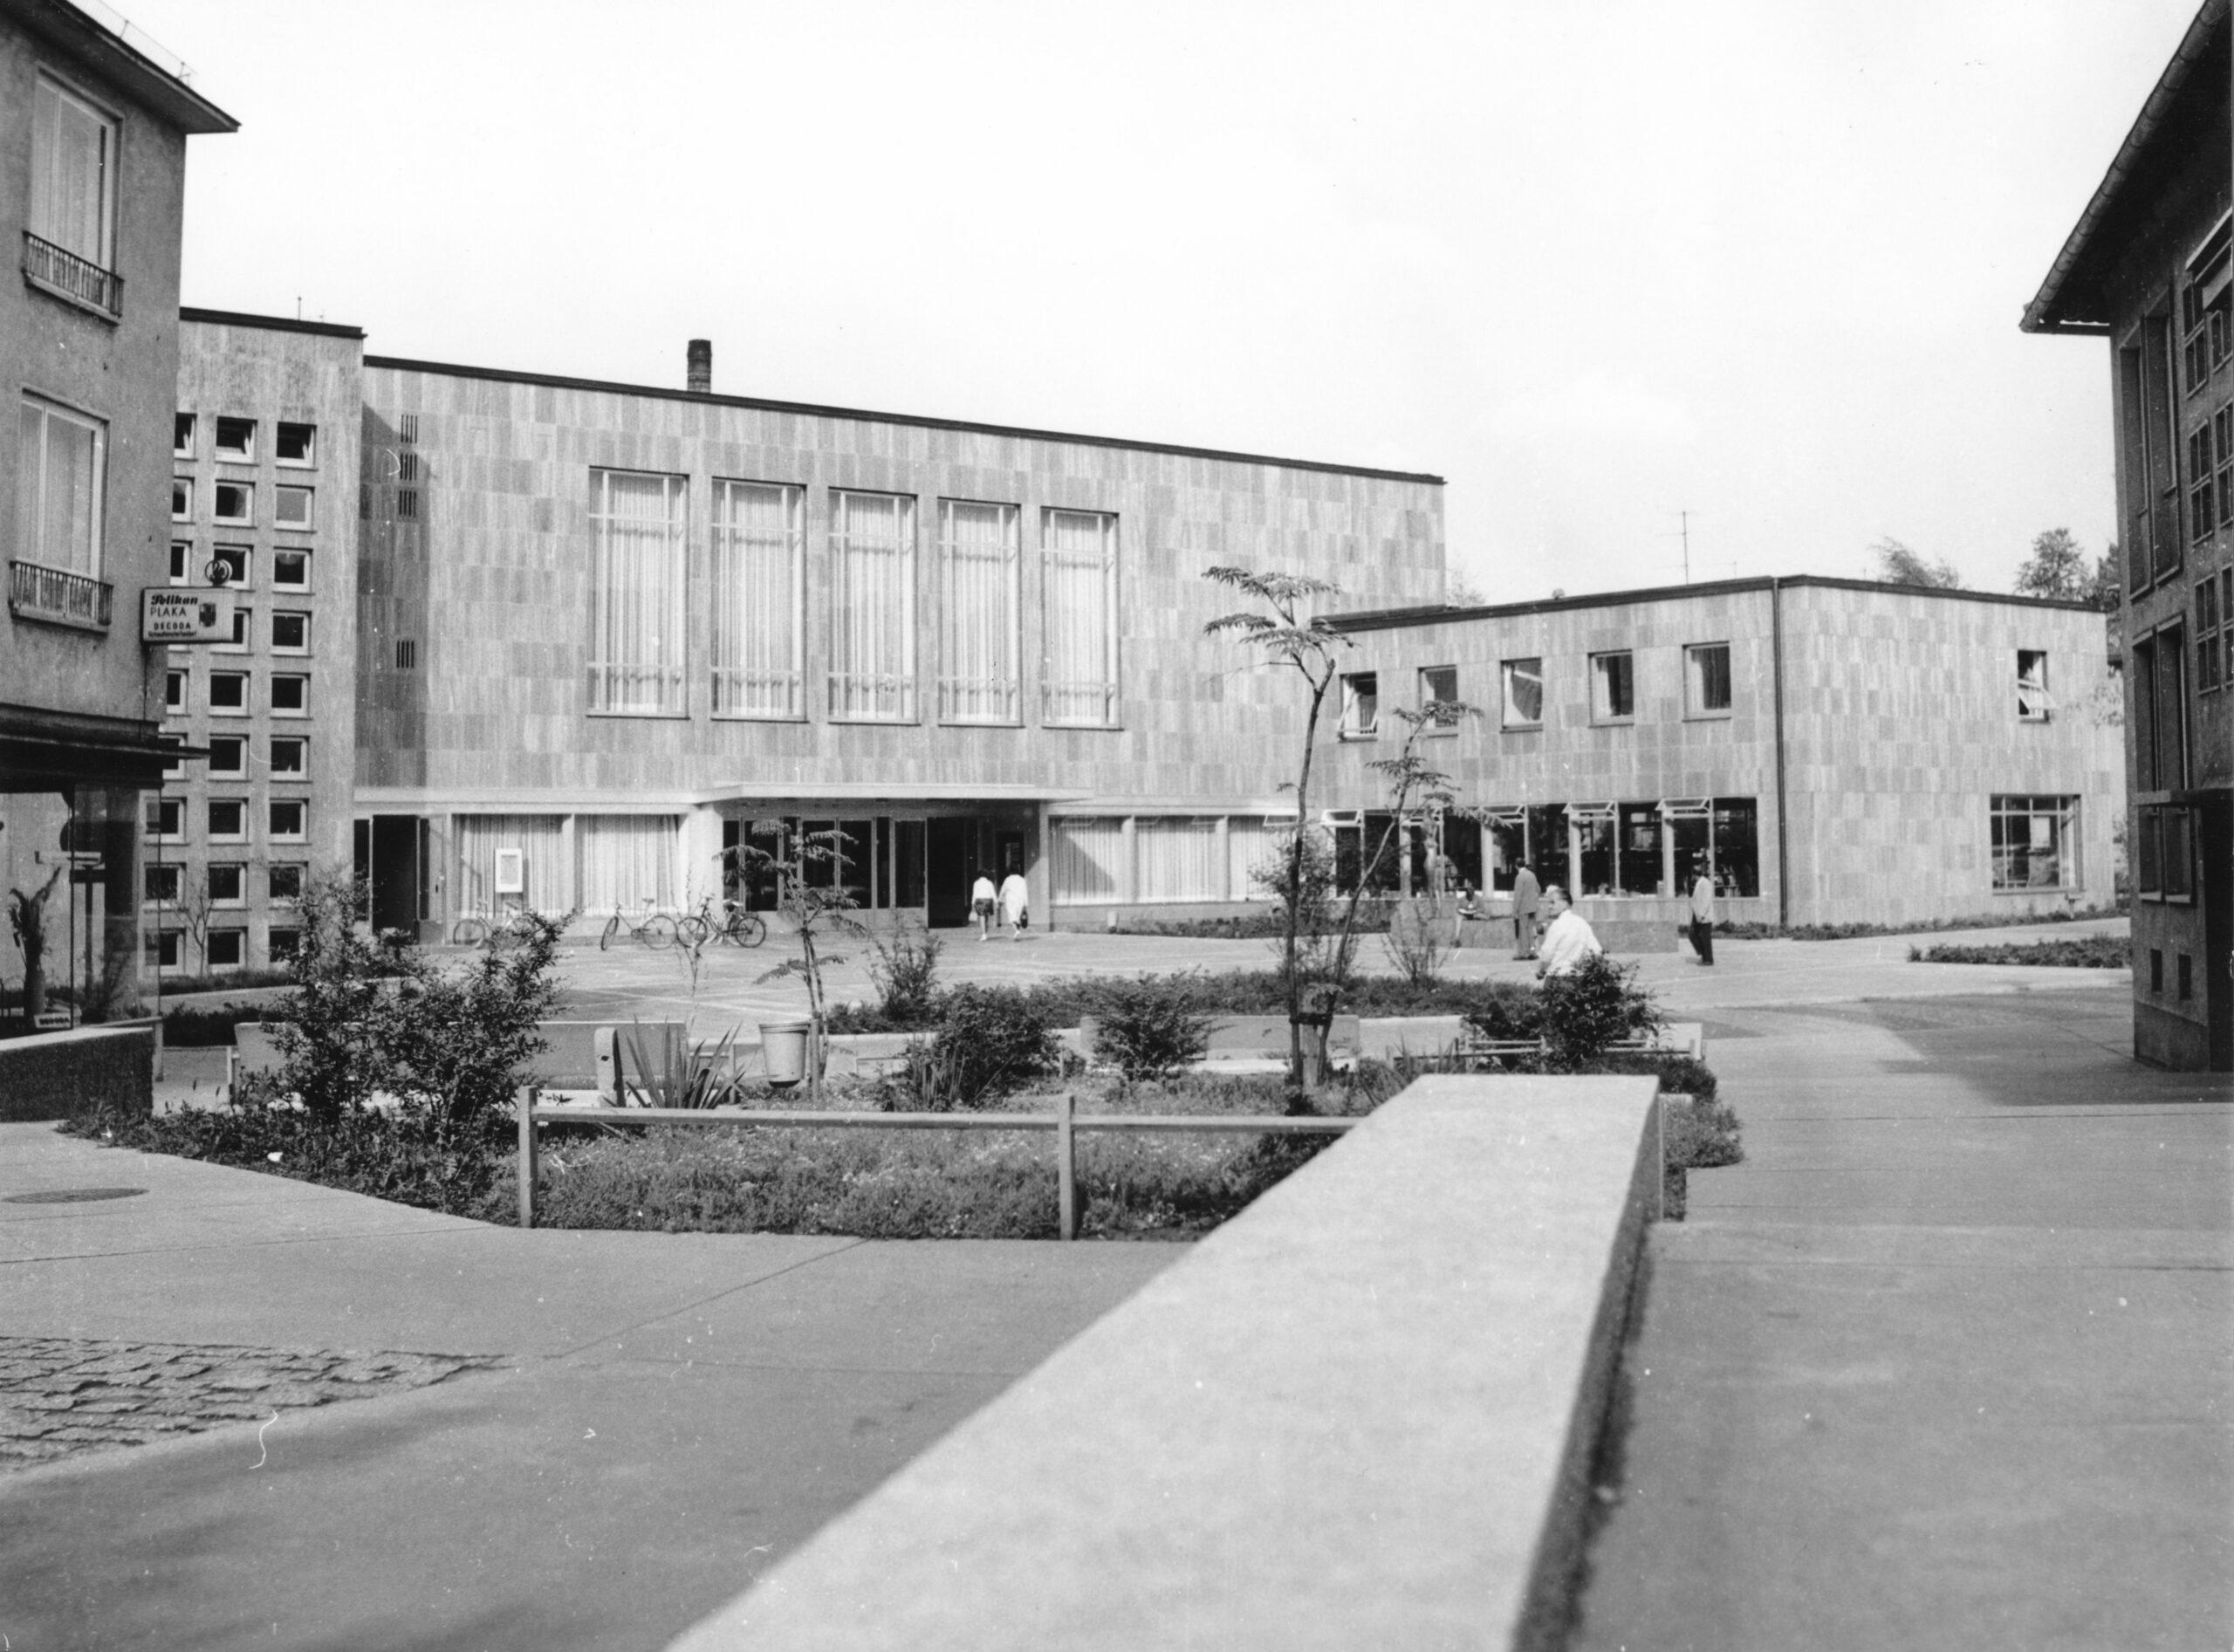 Blick auf den Eingangsbereich des Justus-Liebig-Hauses, im Vordergrund eine Mauer und ein bewachsenes Bett, auf dem Platz vor dem Gebäude einzelne Personen